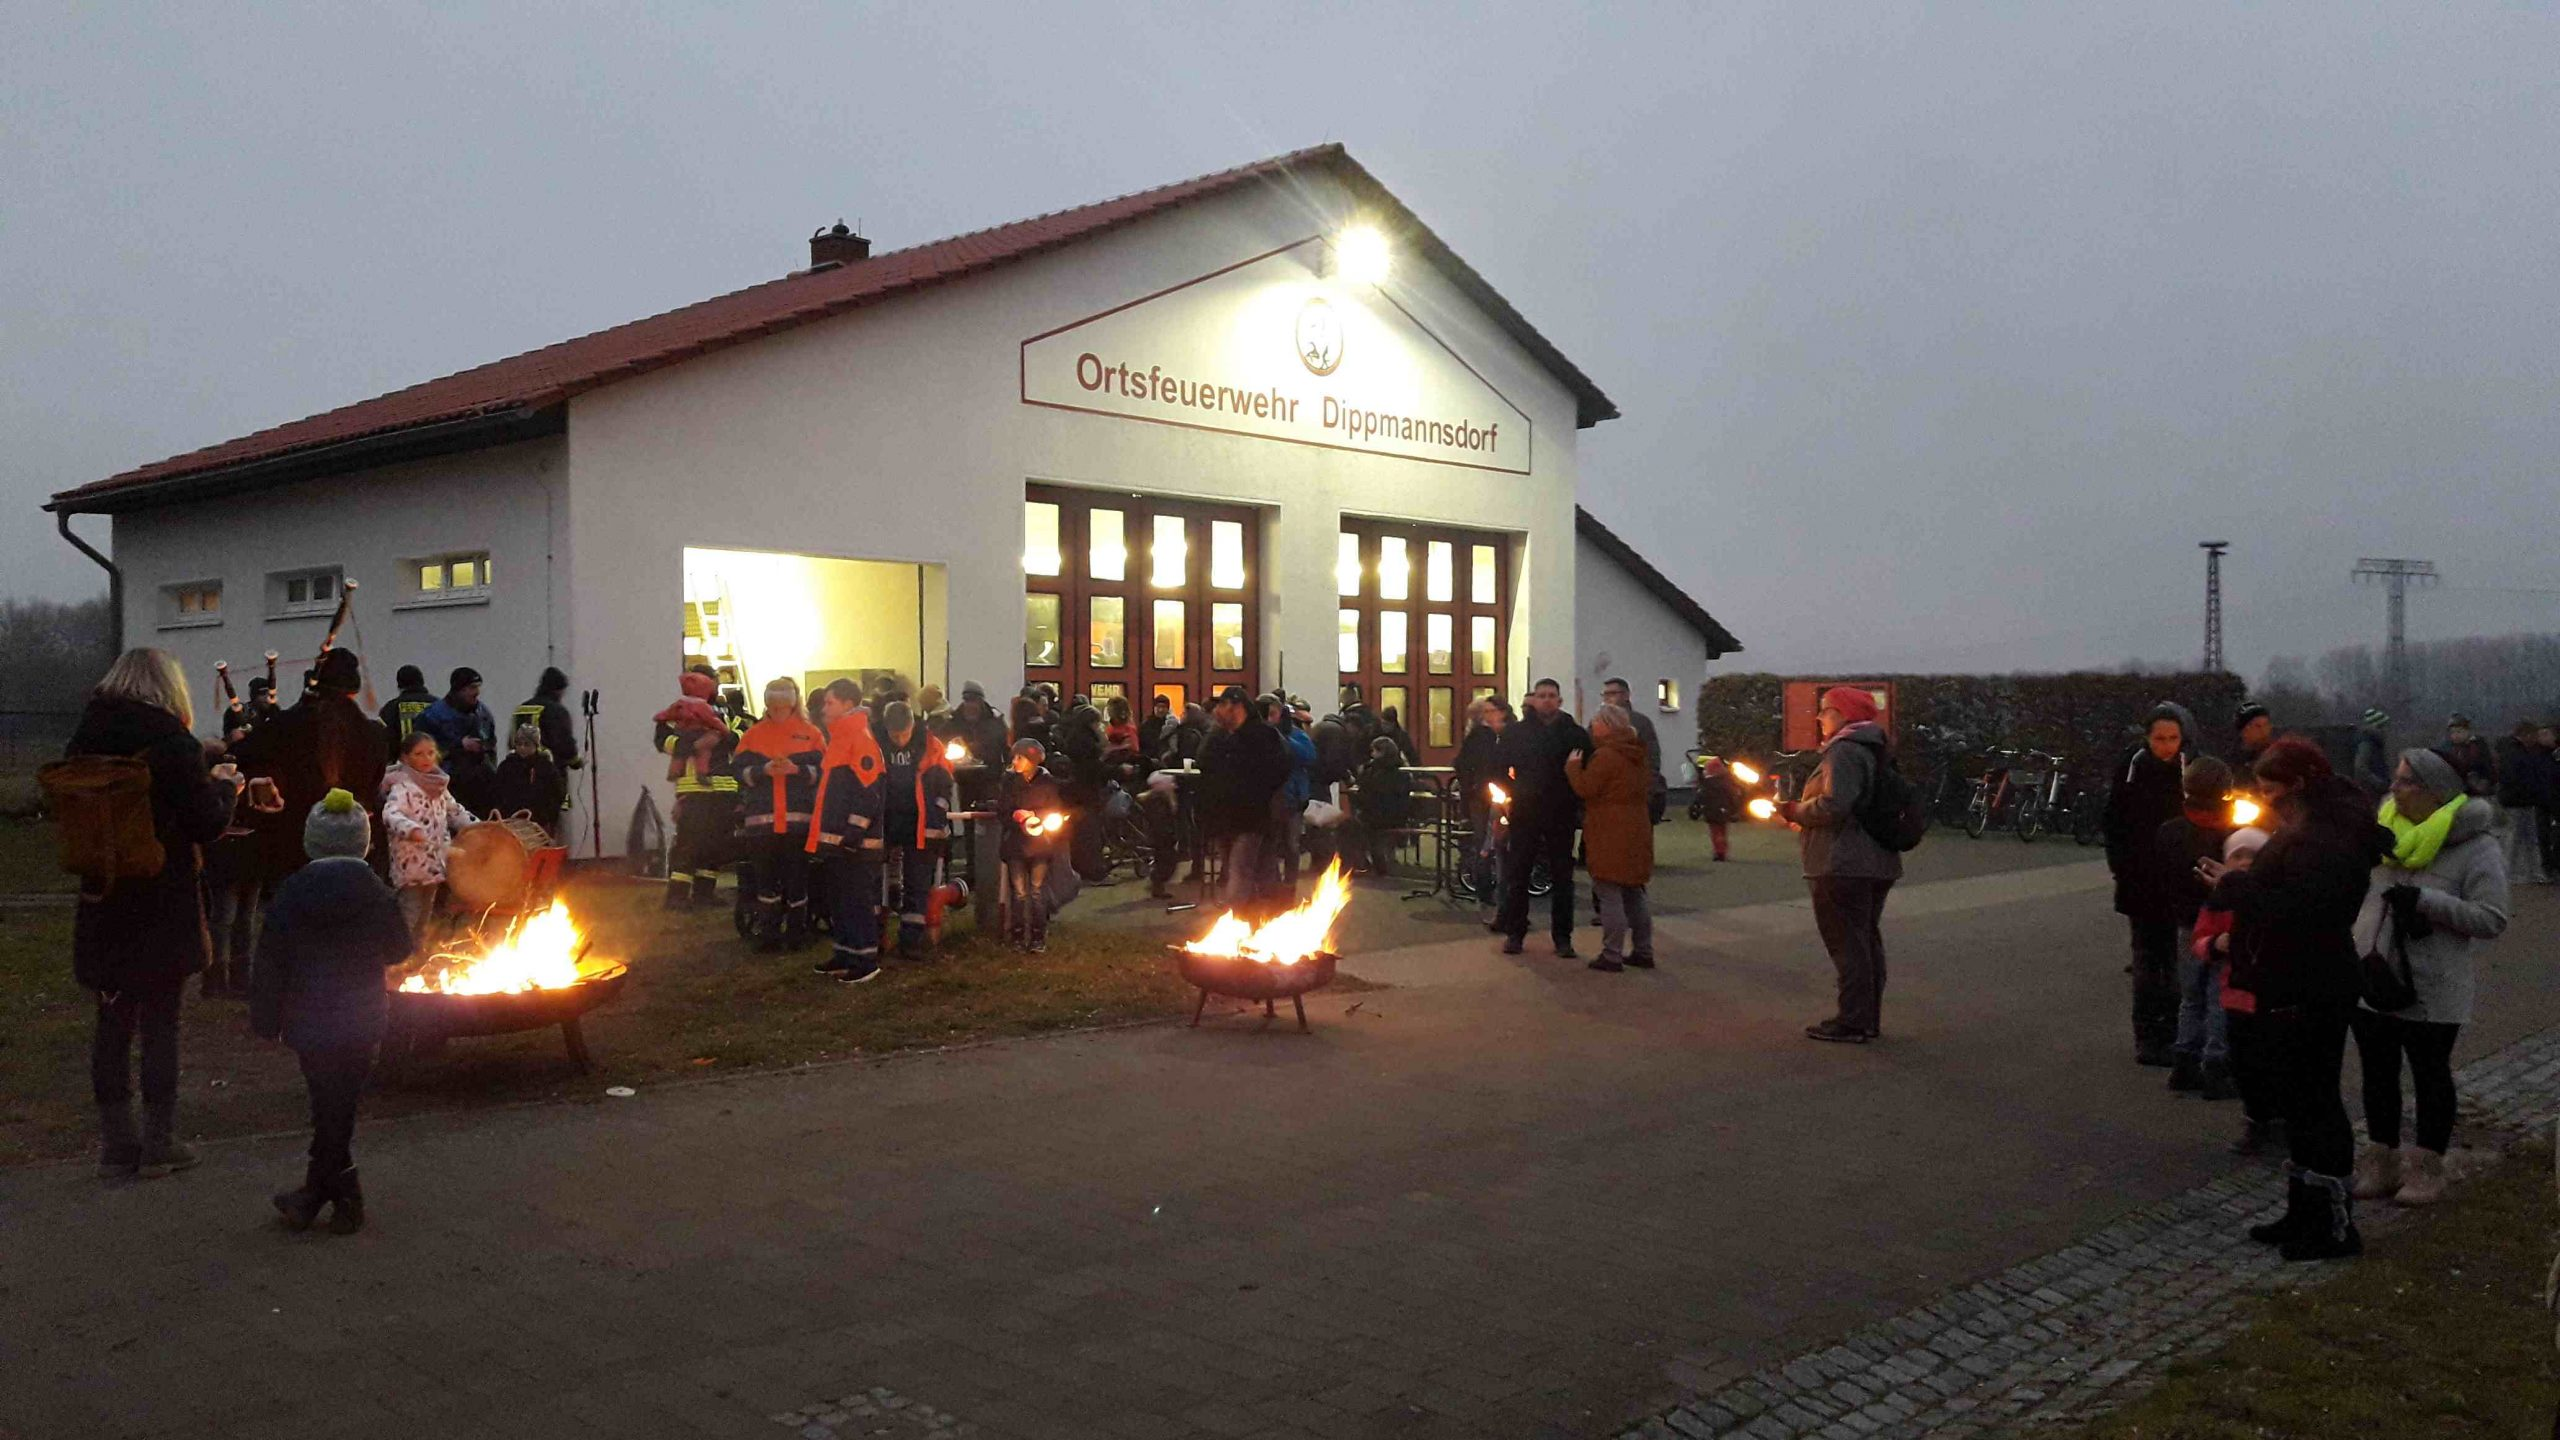 Dippmannsdorf, Feuerwehr Dippmannsdorf, Kleine Grundschule Dippmannsdorf